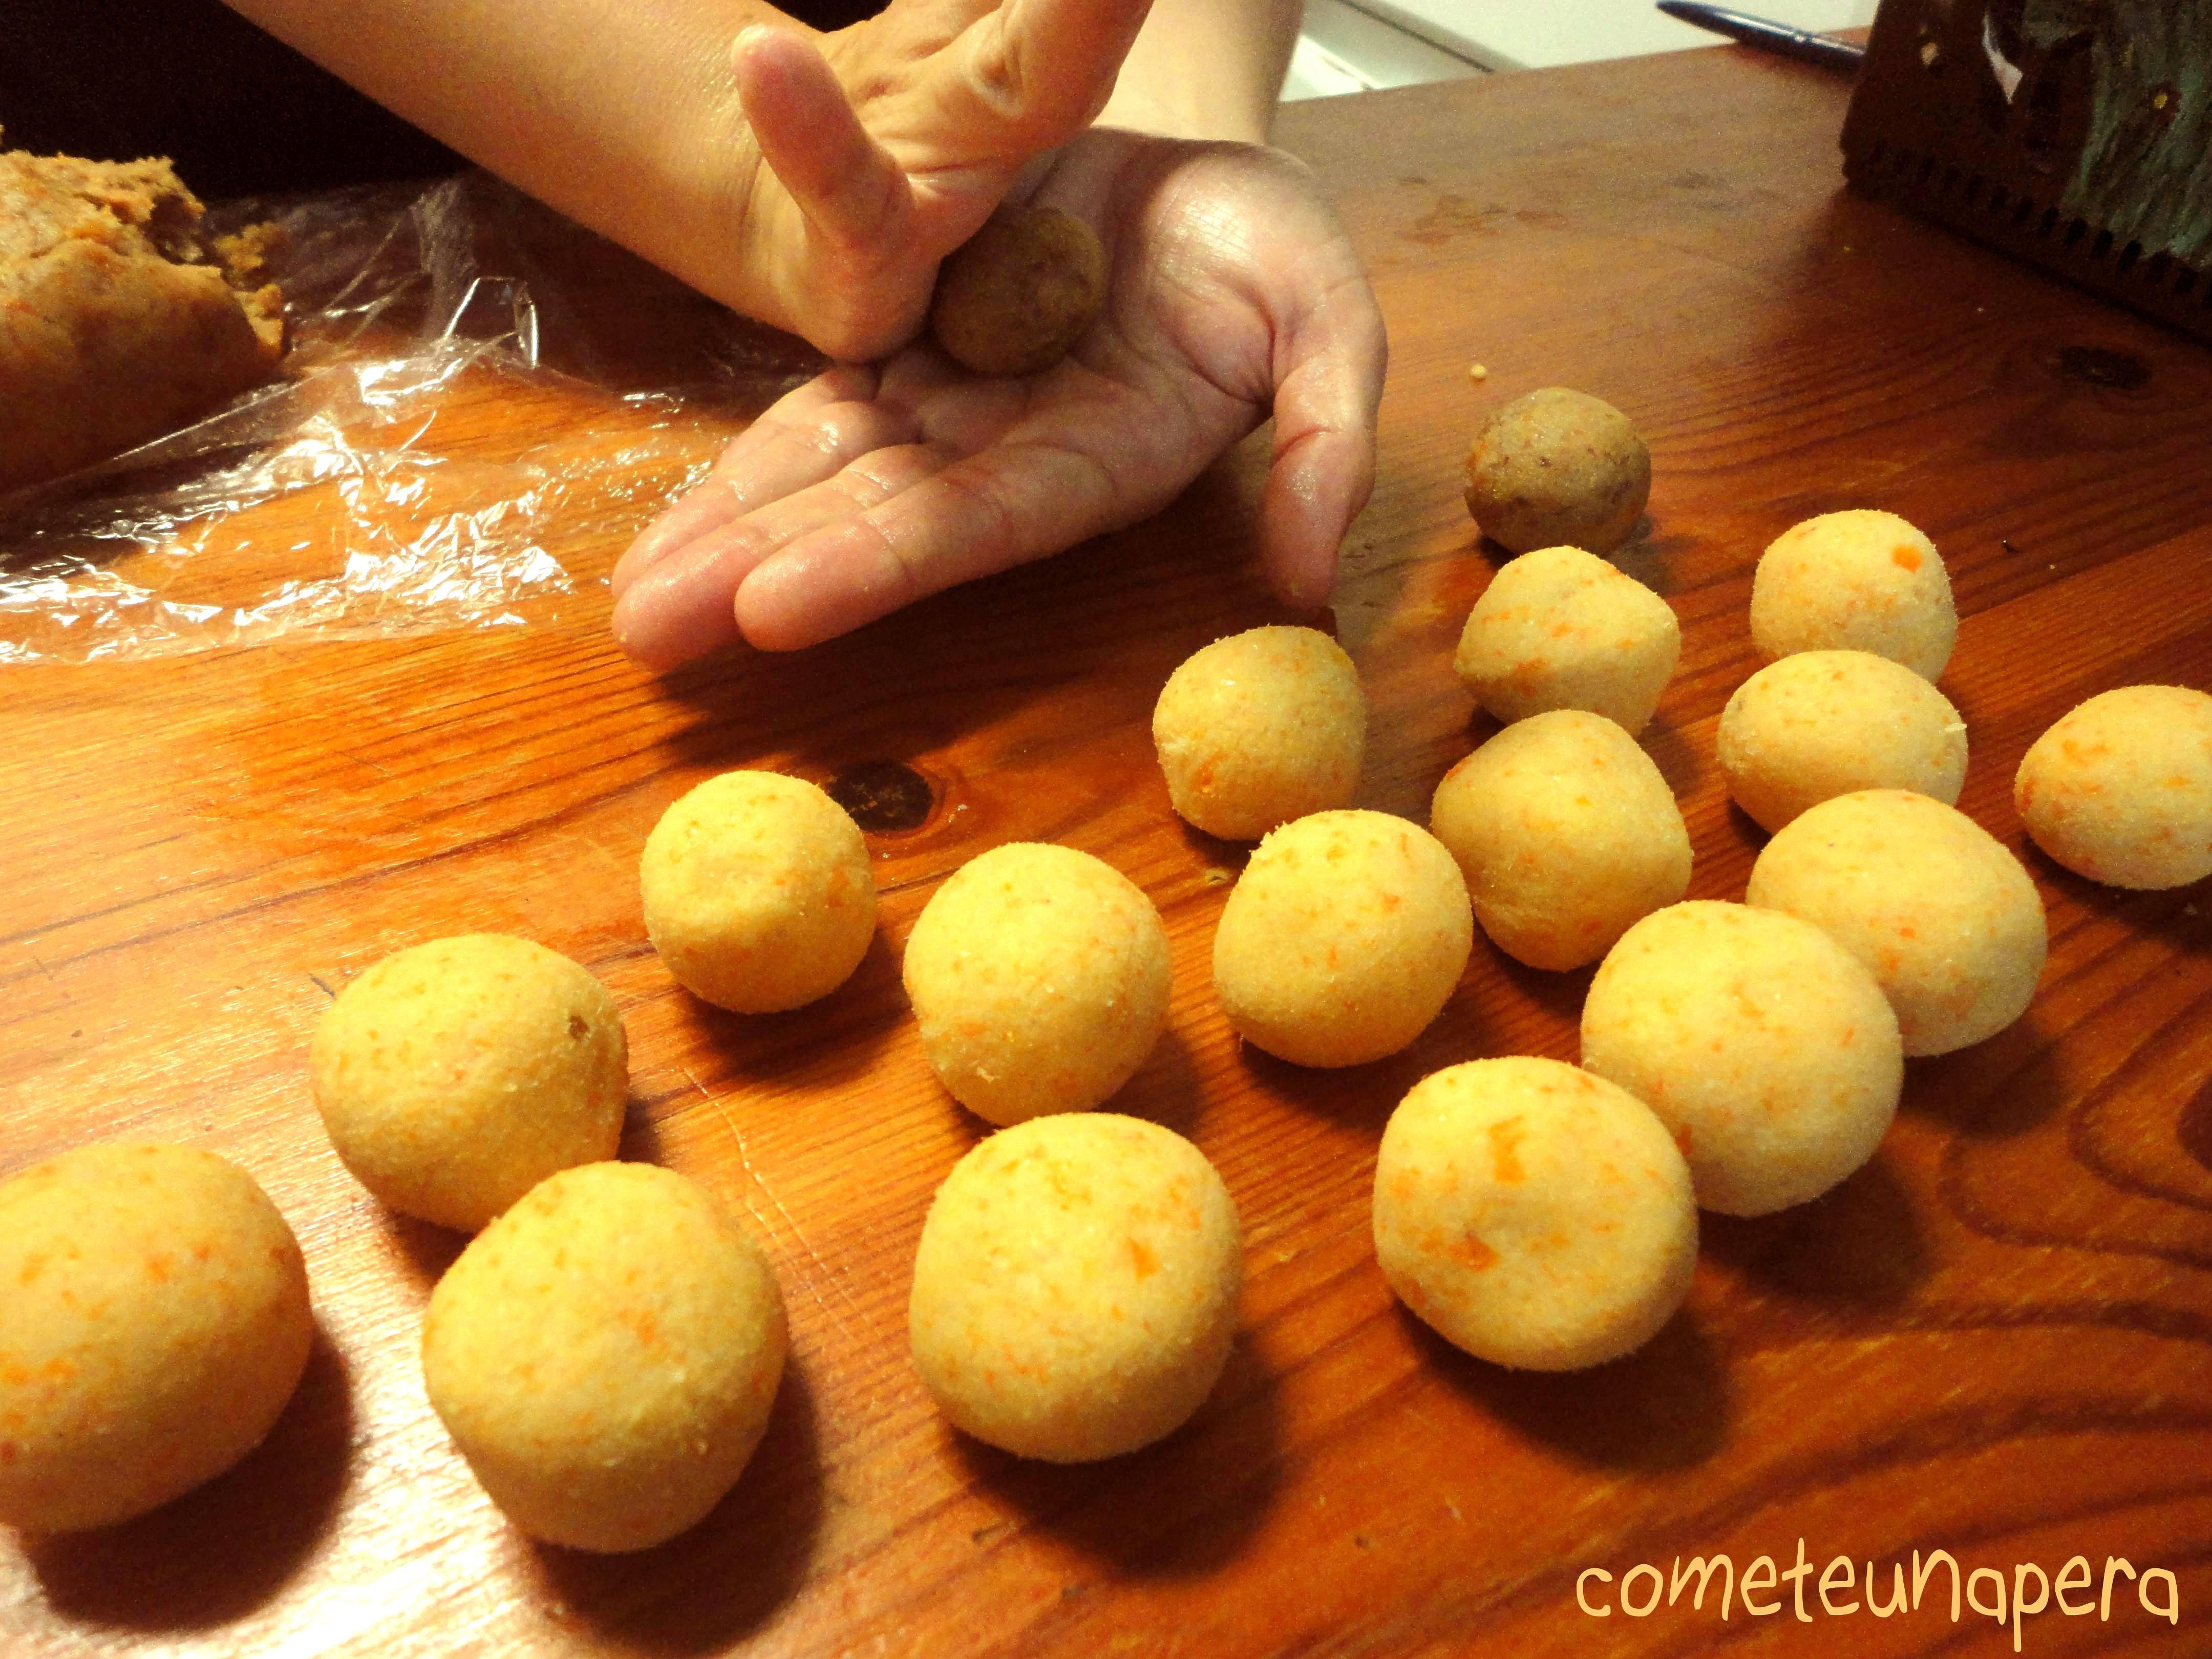 cometeunapera_penellets-sense-sucre_panellets-sin-azucar_reposteria-sin-azucar_sin-azucar_panellets-veganos_panellets-vegans_1